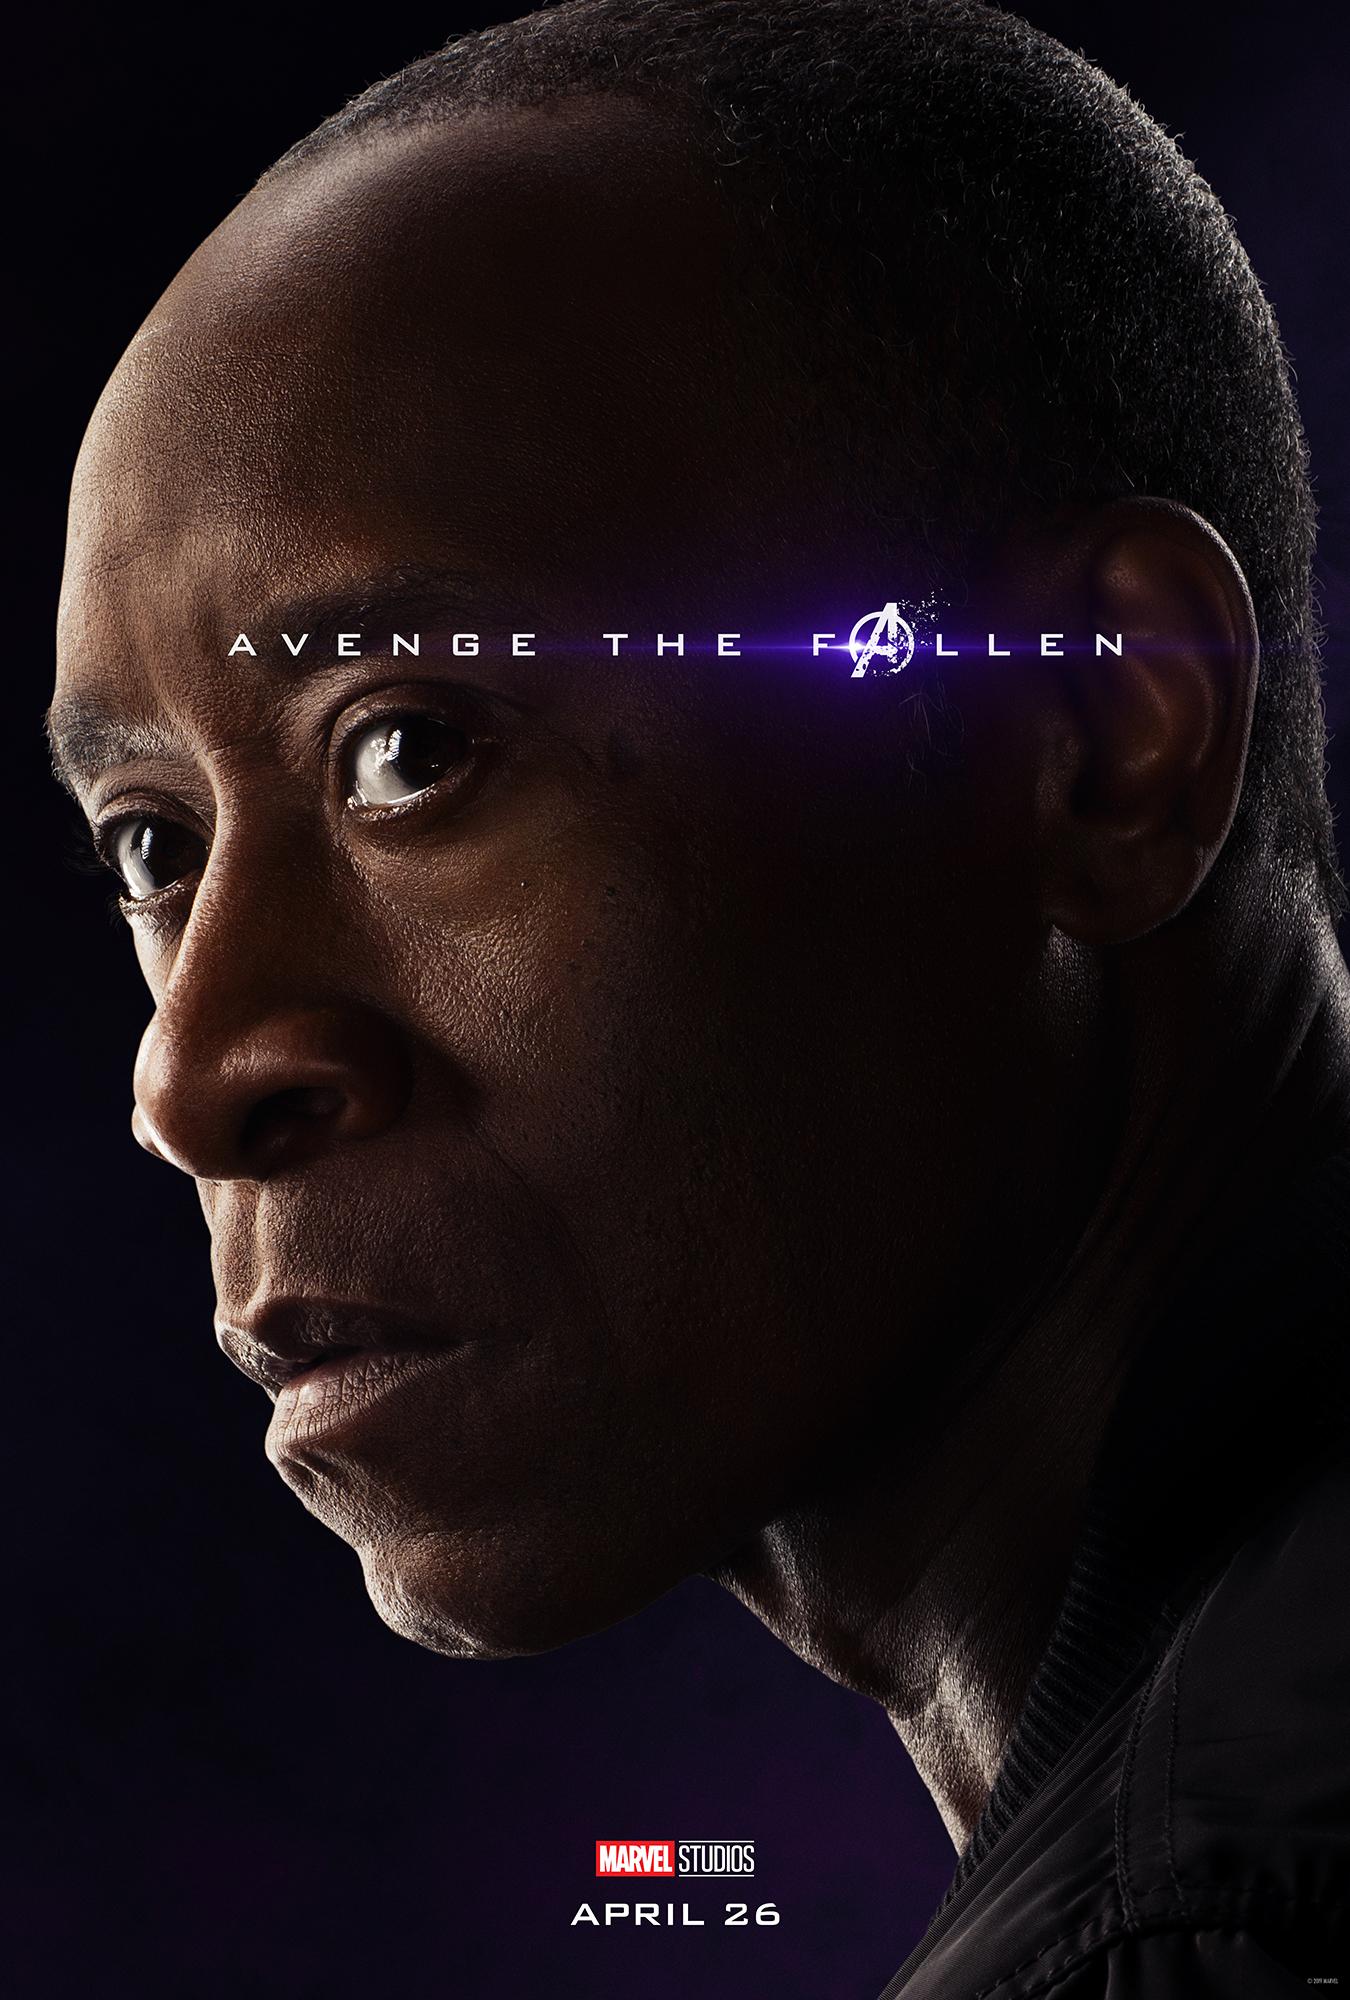 Avengers_Endgame_Char1Sht_WarMachine_Avenge_mech1_FS_100dpi.jpg